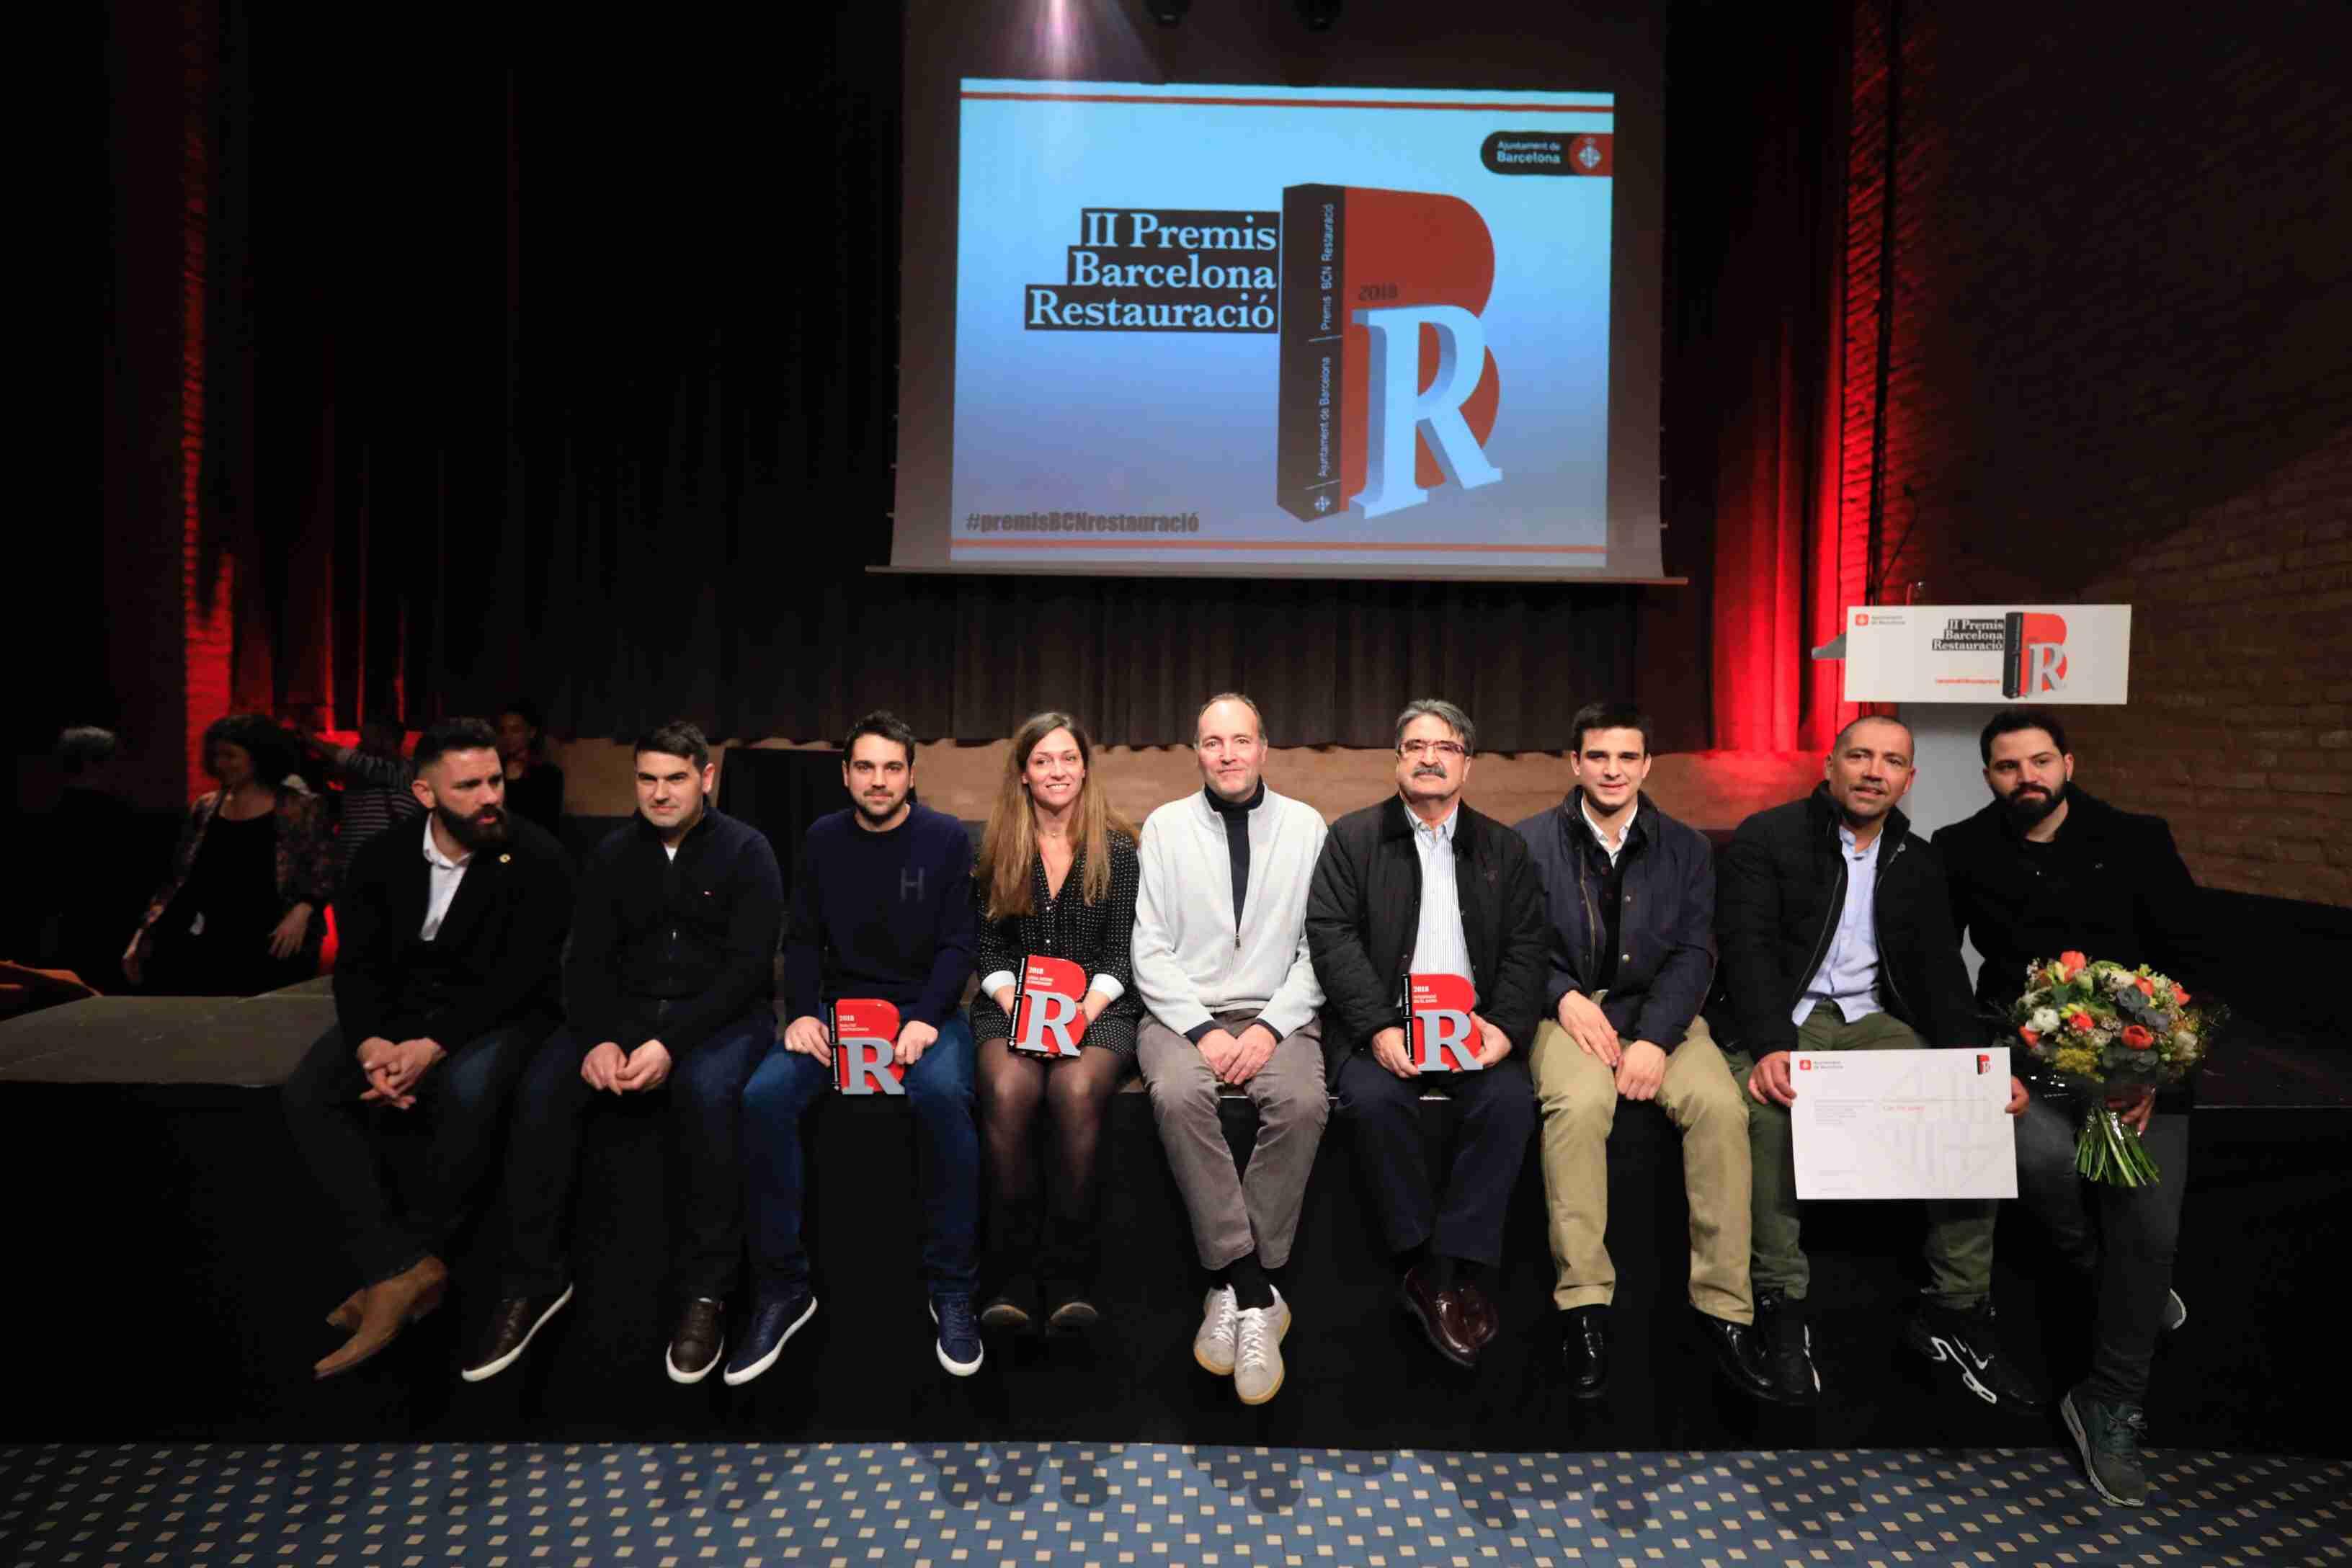 2ª Edición de los Premis Barcelona Restauració